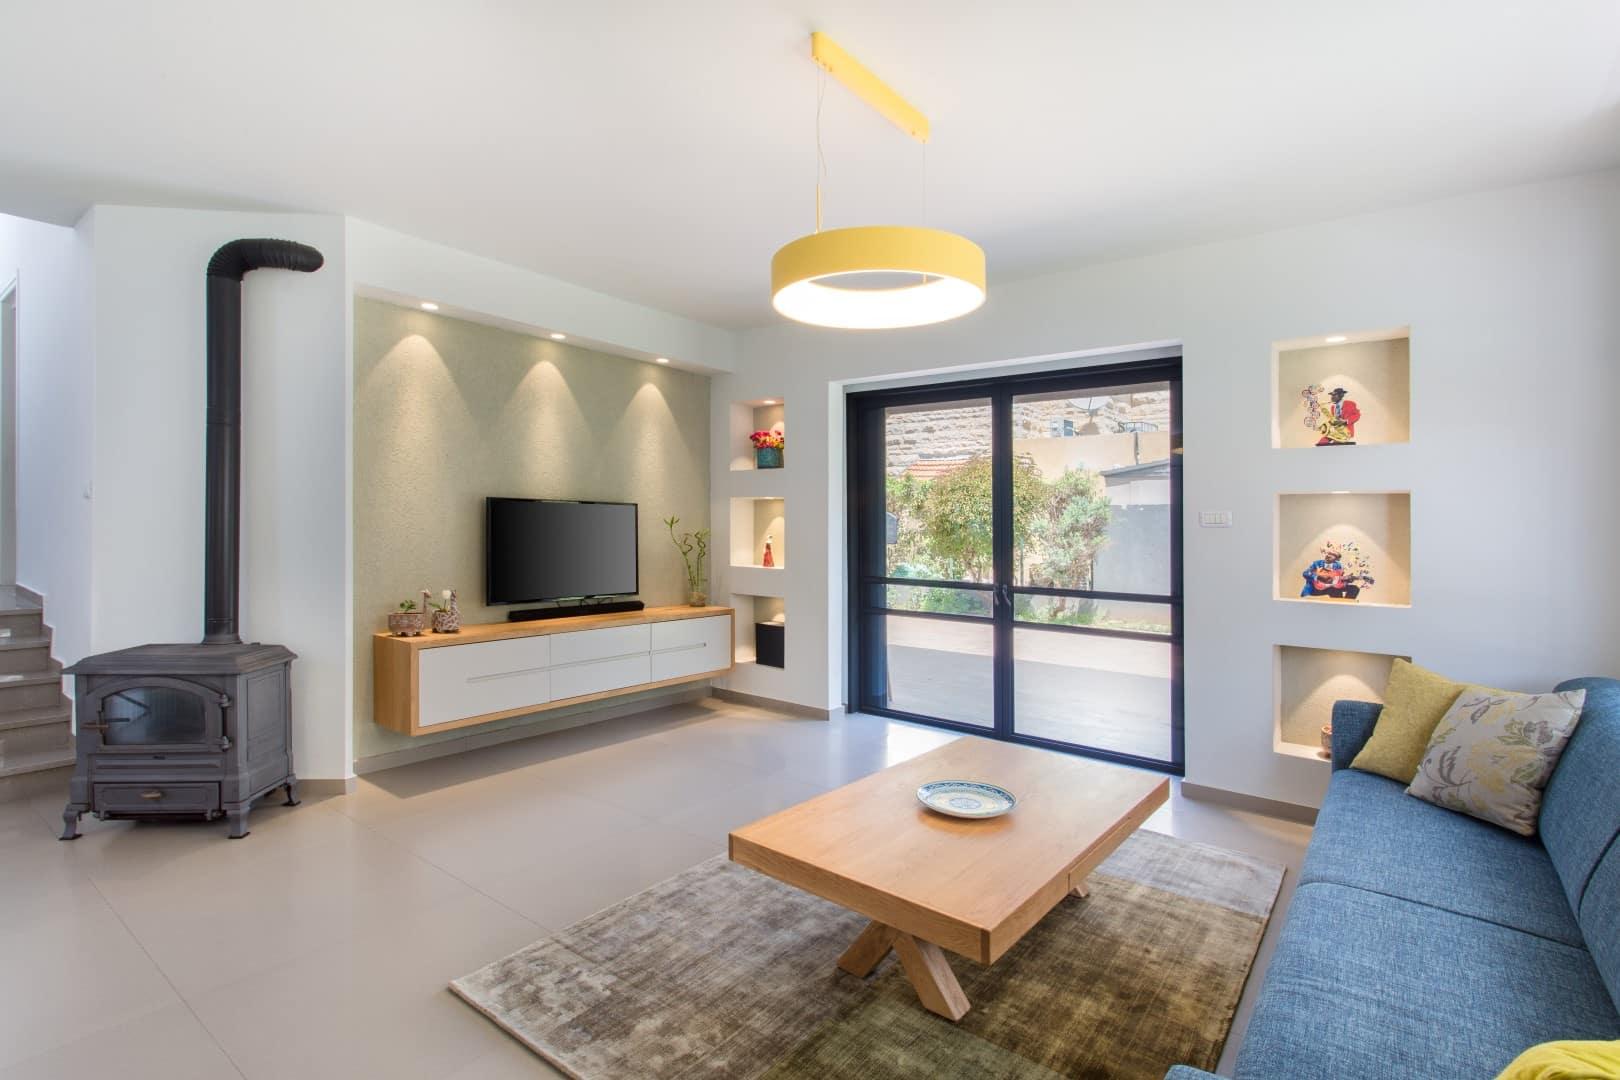 כמה עולה שיפוץ דירה ואיך מסיימים אותו ללא חריגה, עיצוב סלון בגן יבנה, ענבל קרקו עיצוב פנים ופנג שואי